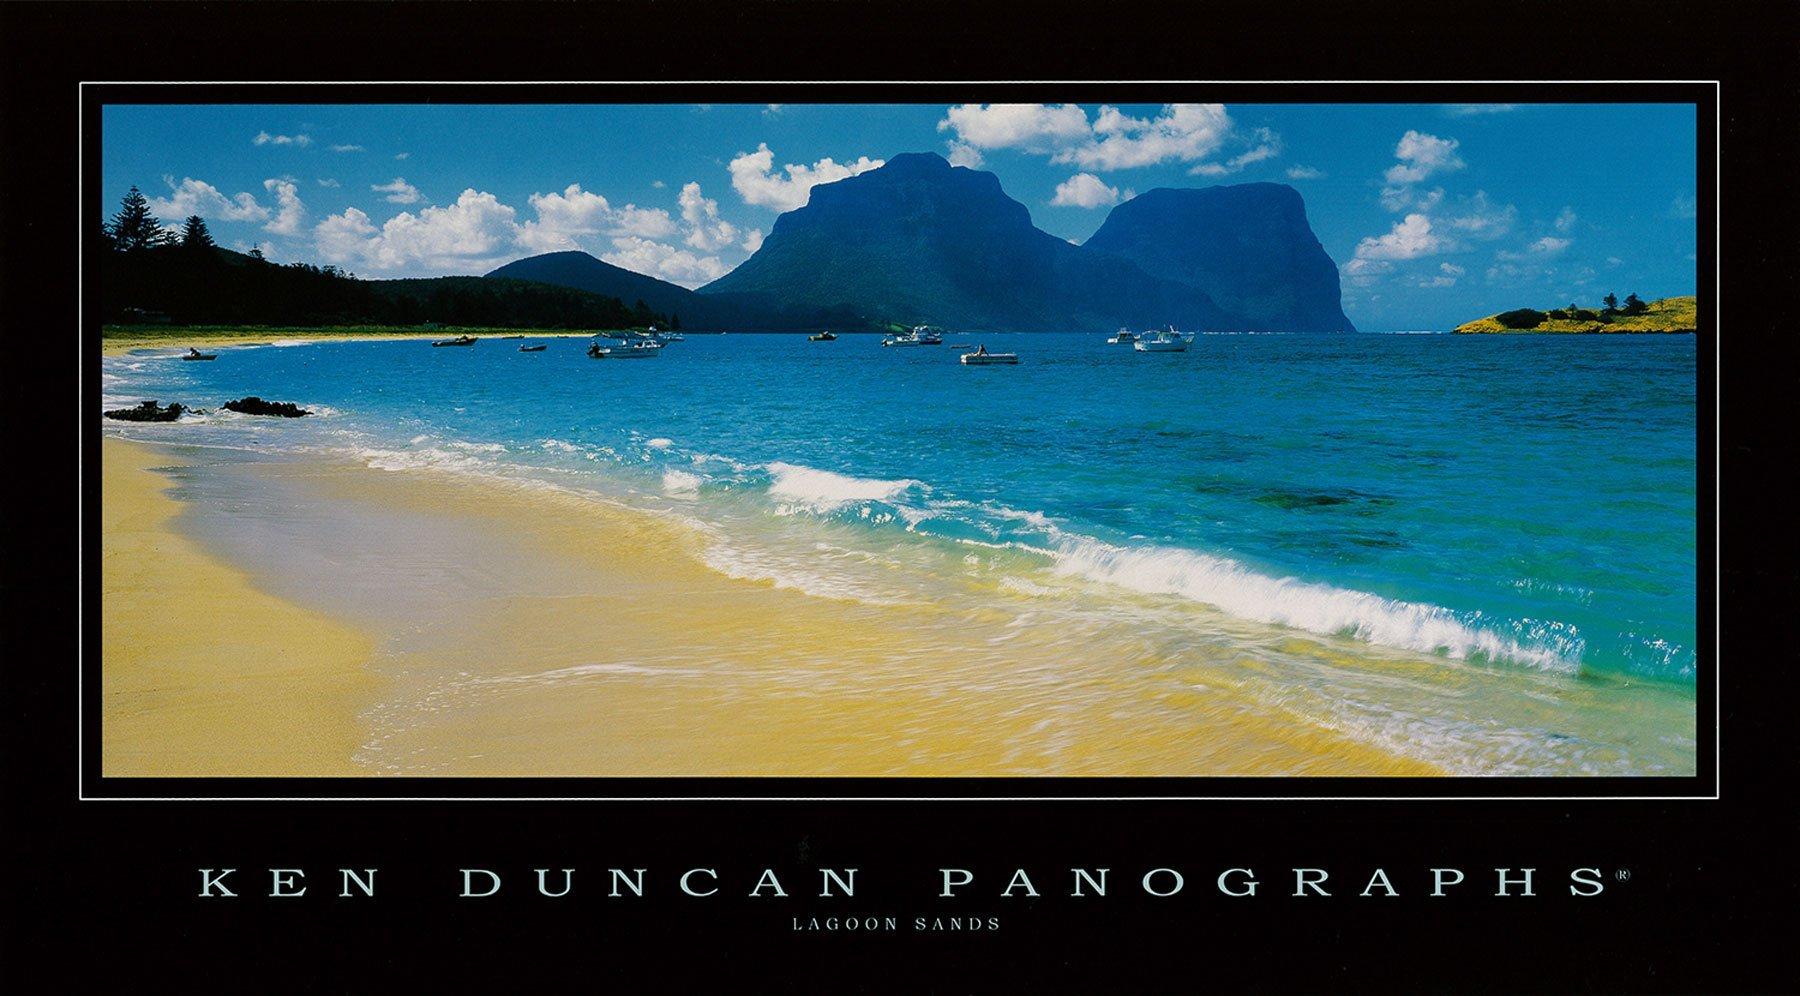 Lagoon Sands